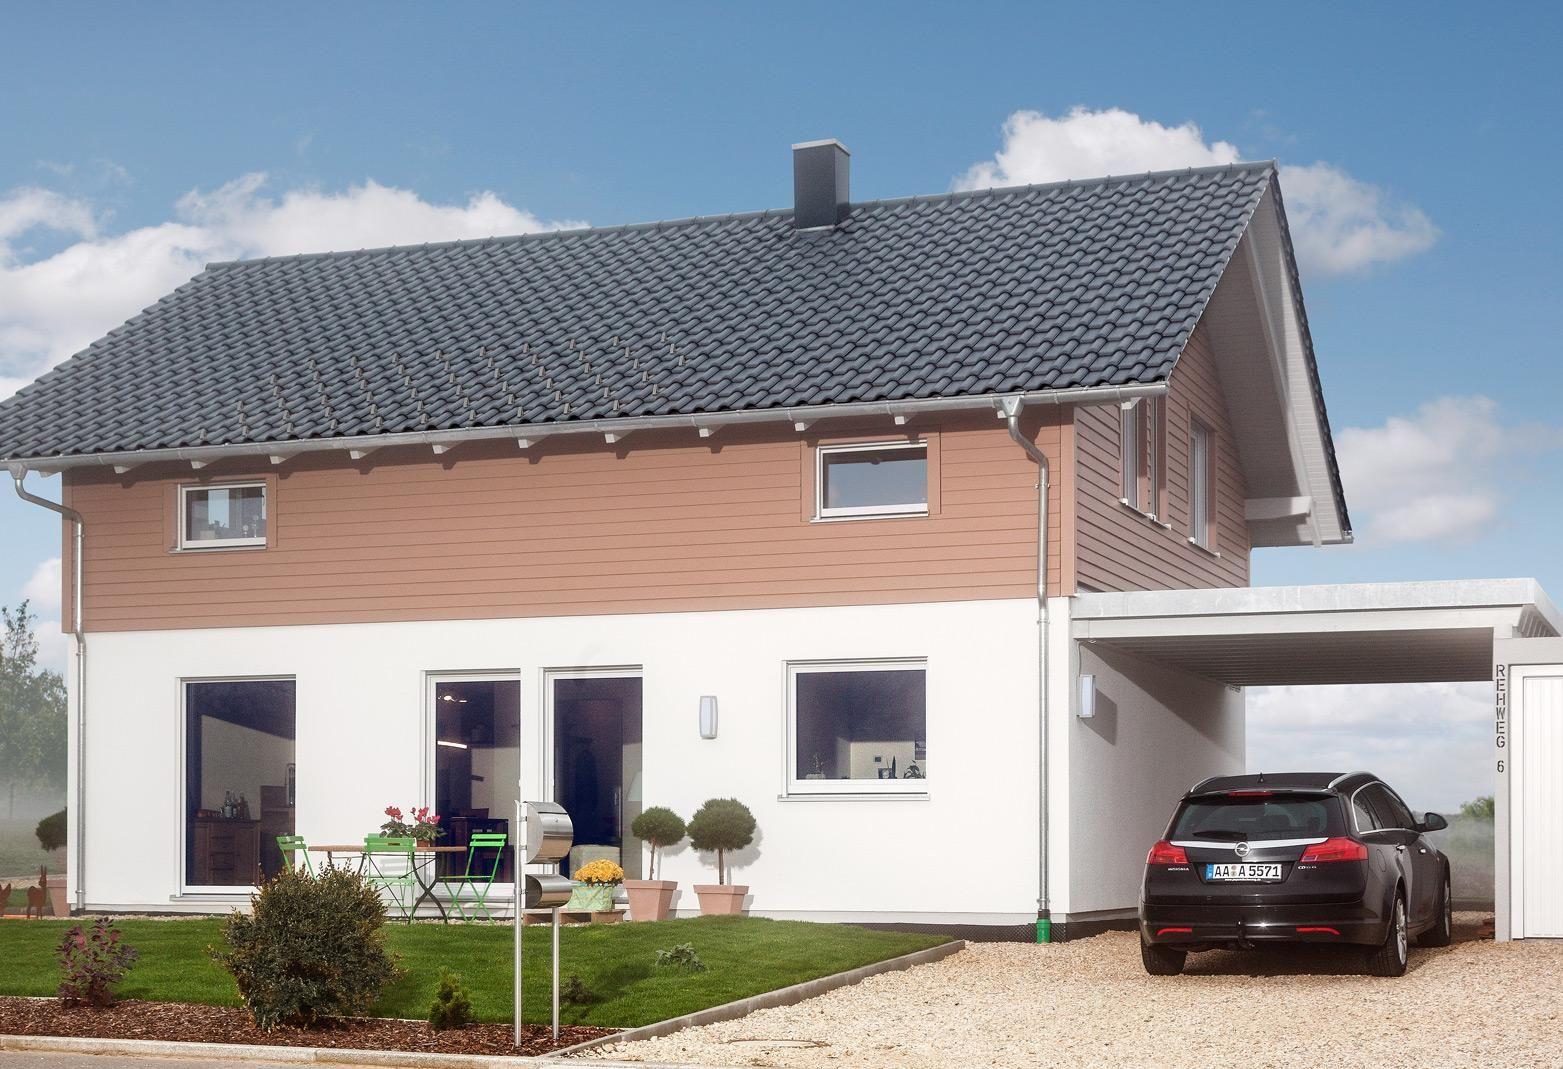 Freistehendes Einfamilienhaus mit Carport und Garage (avec